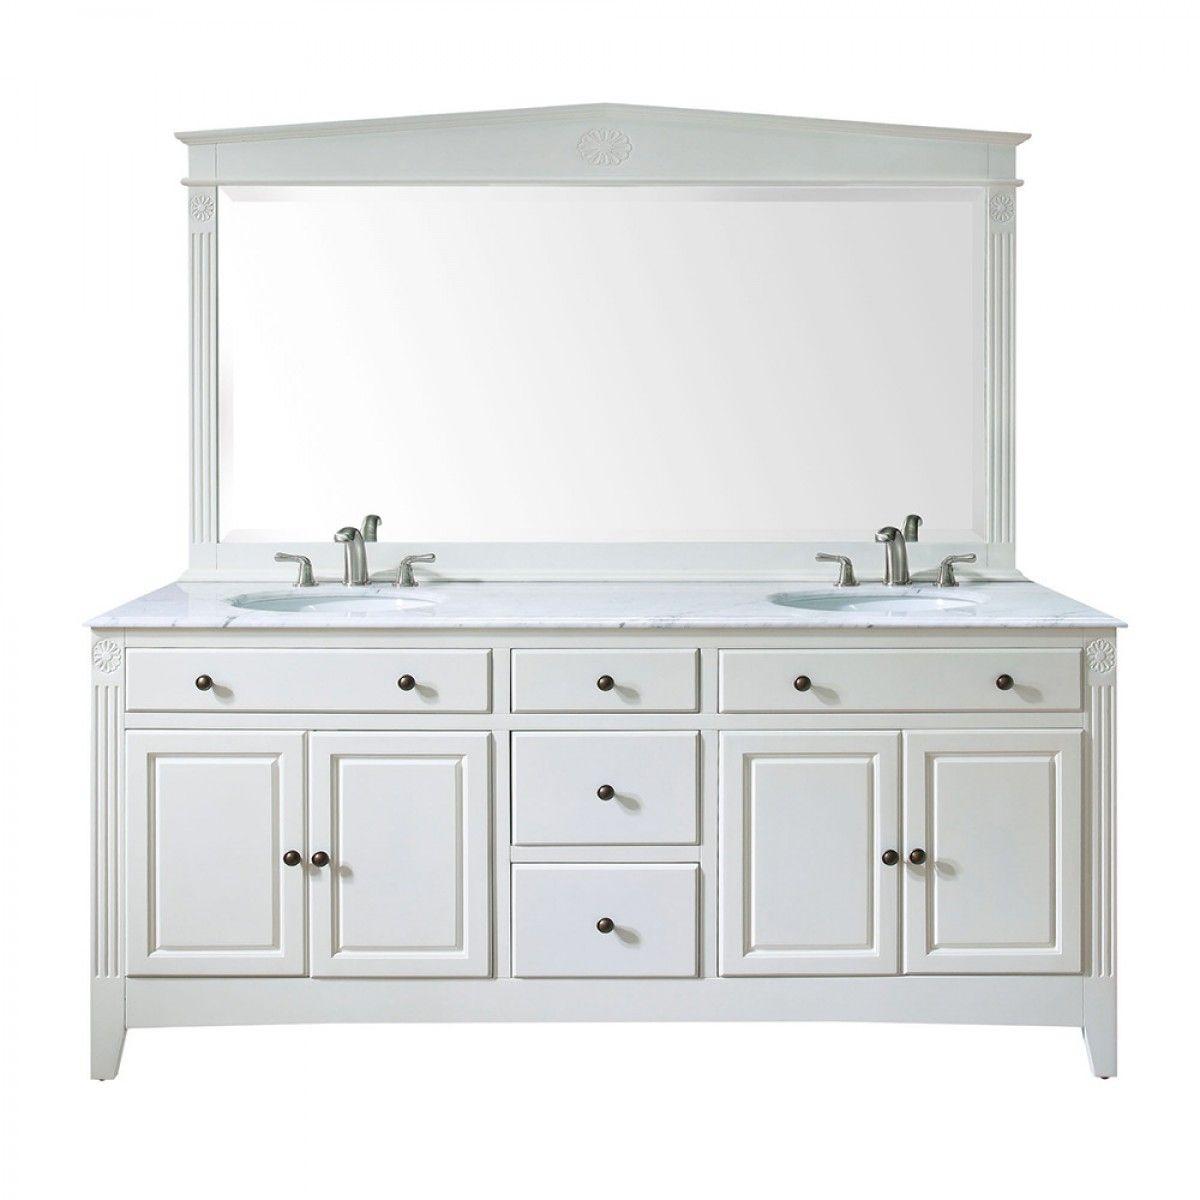 Somerset Double Vanity Antique White Vanities Bathroom Vanity White Vanity Bathroom Double Vanity